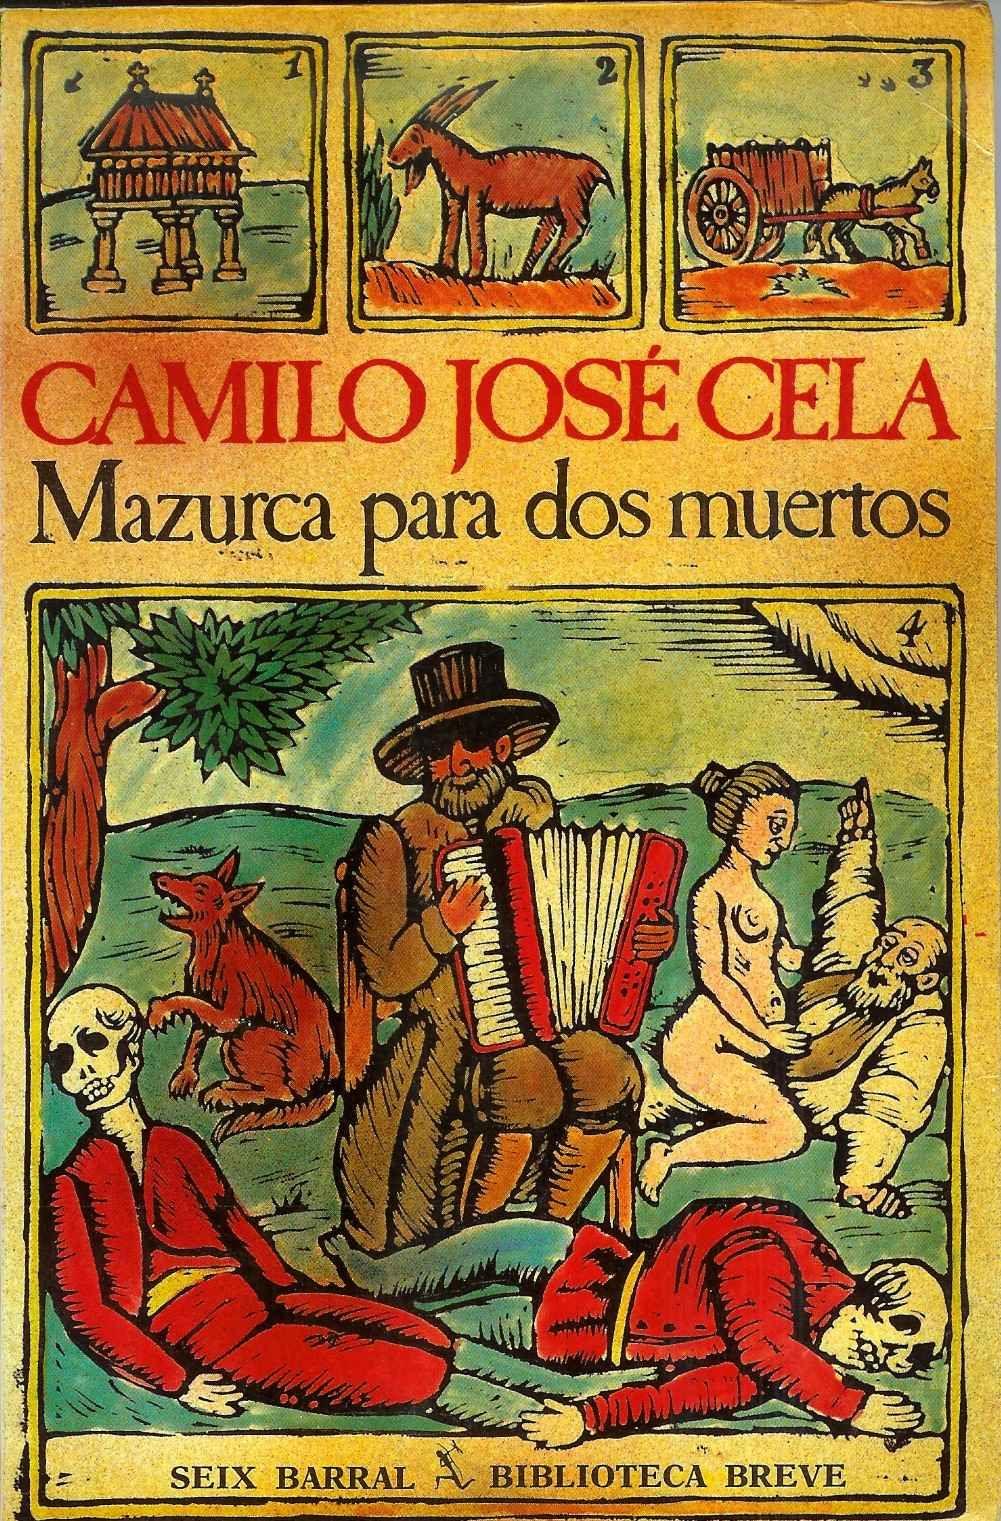 La Antigua Biblos Mazurca Para Dos Muertos Camilo José Cela Camilo Jose Cela Muerte Portadas De Libros